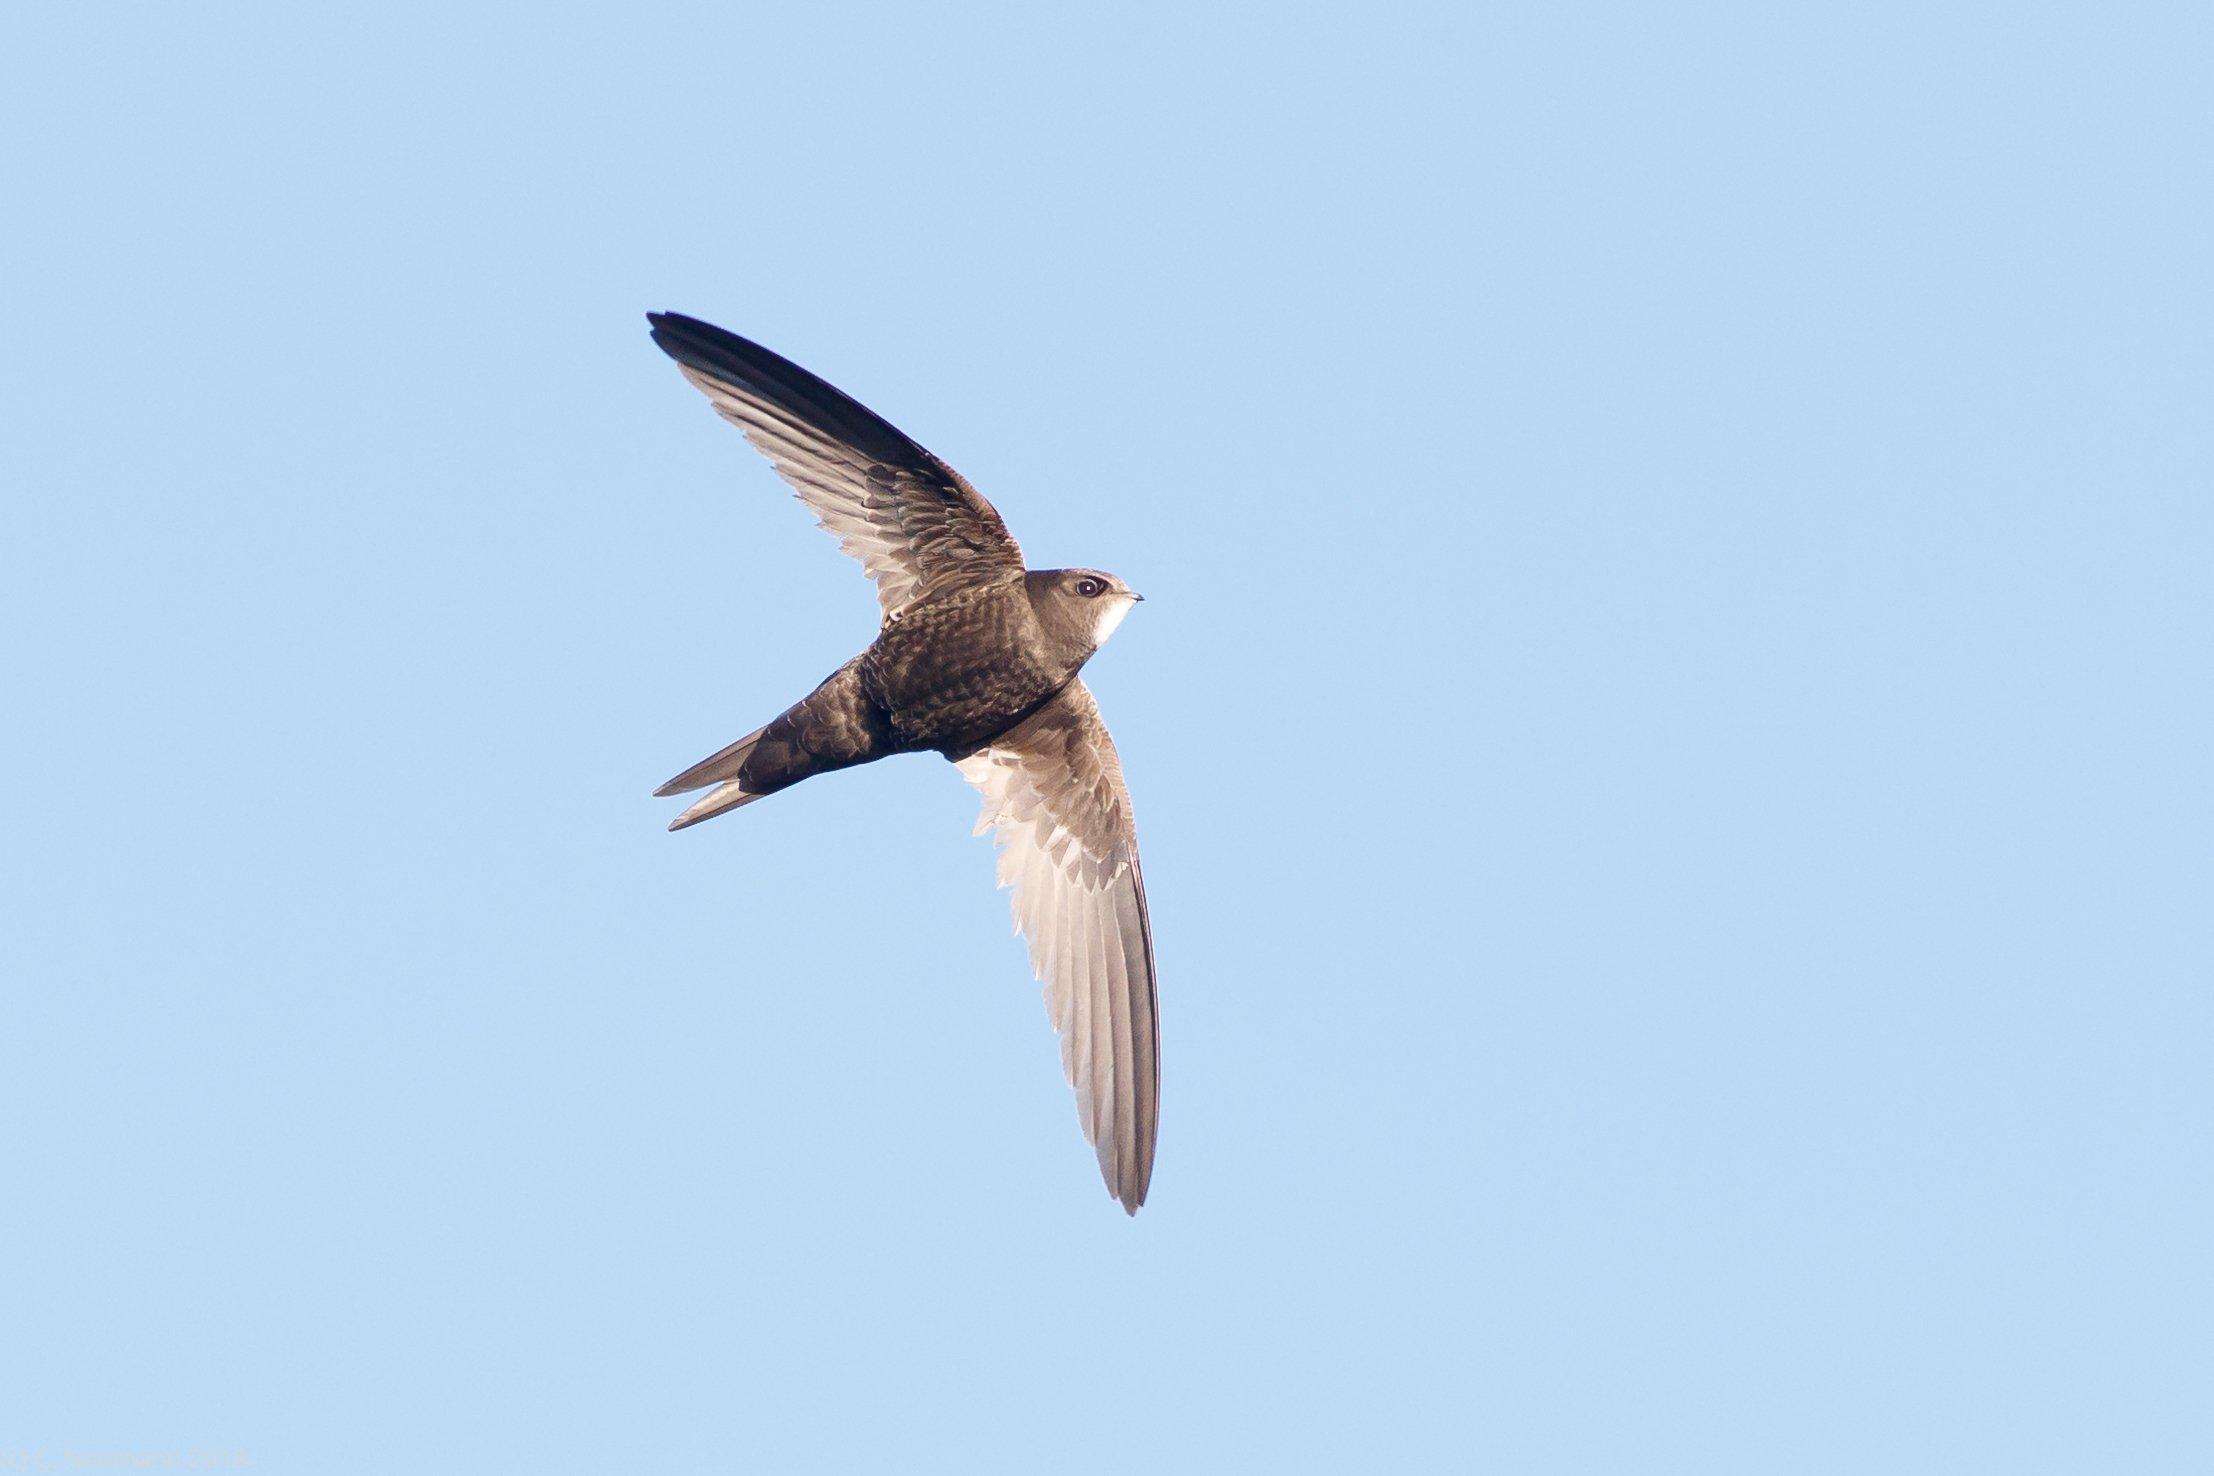 Ein einzelner Mauersegler mit ausgebreiteten Flügeln vor einem wolkenlosen, blauen Himmel.